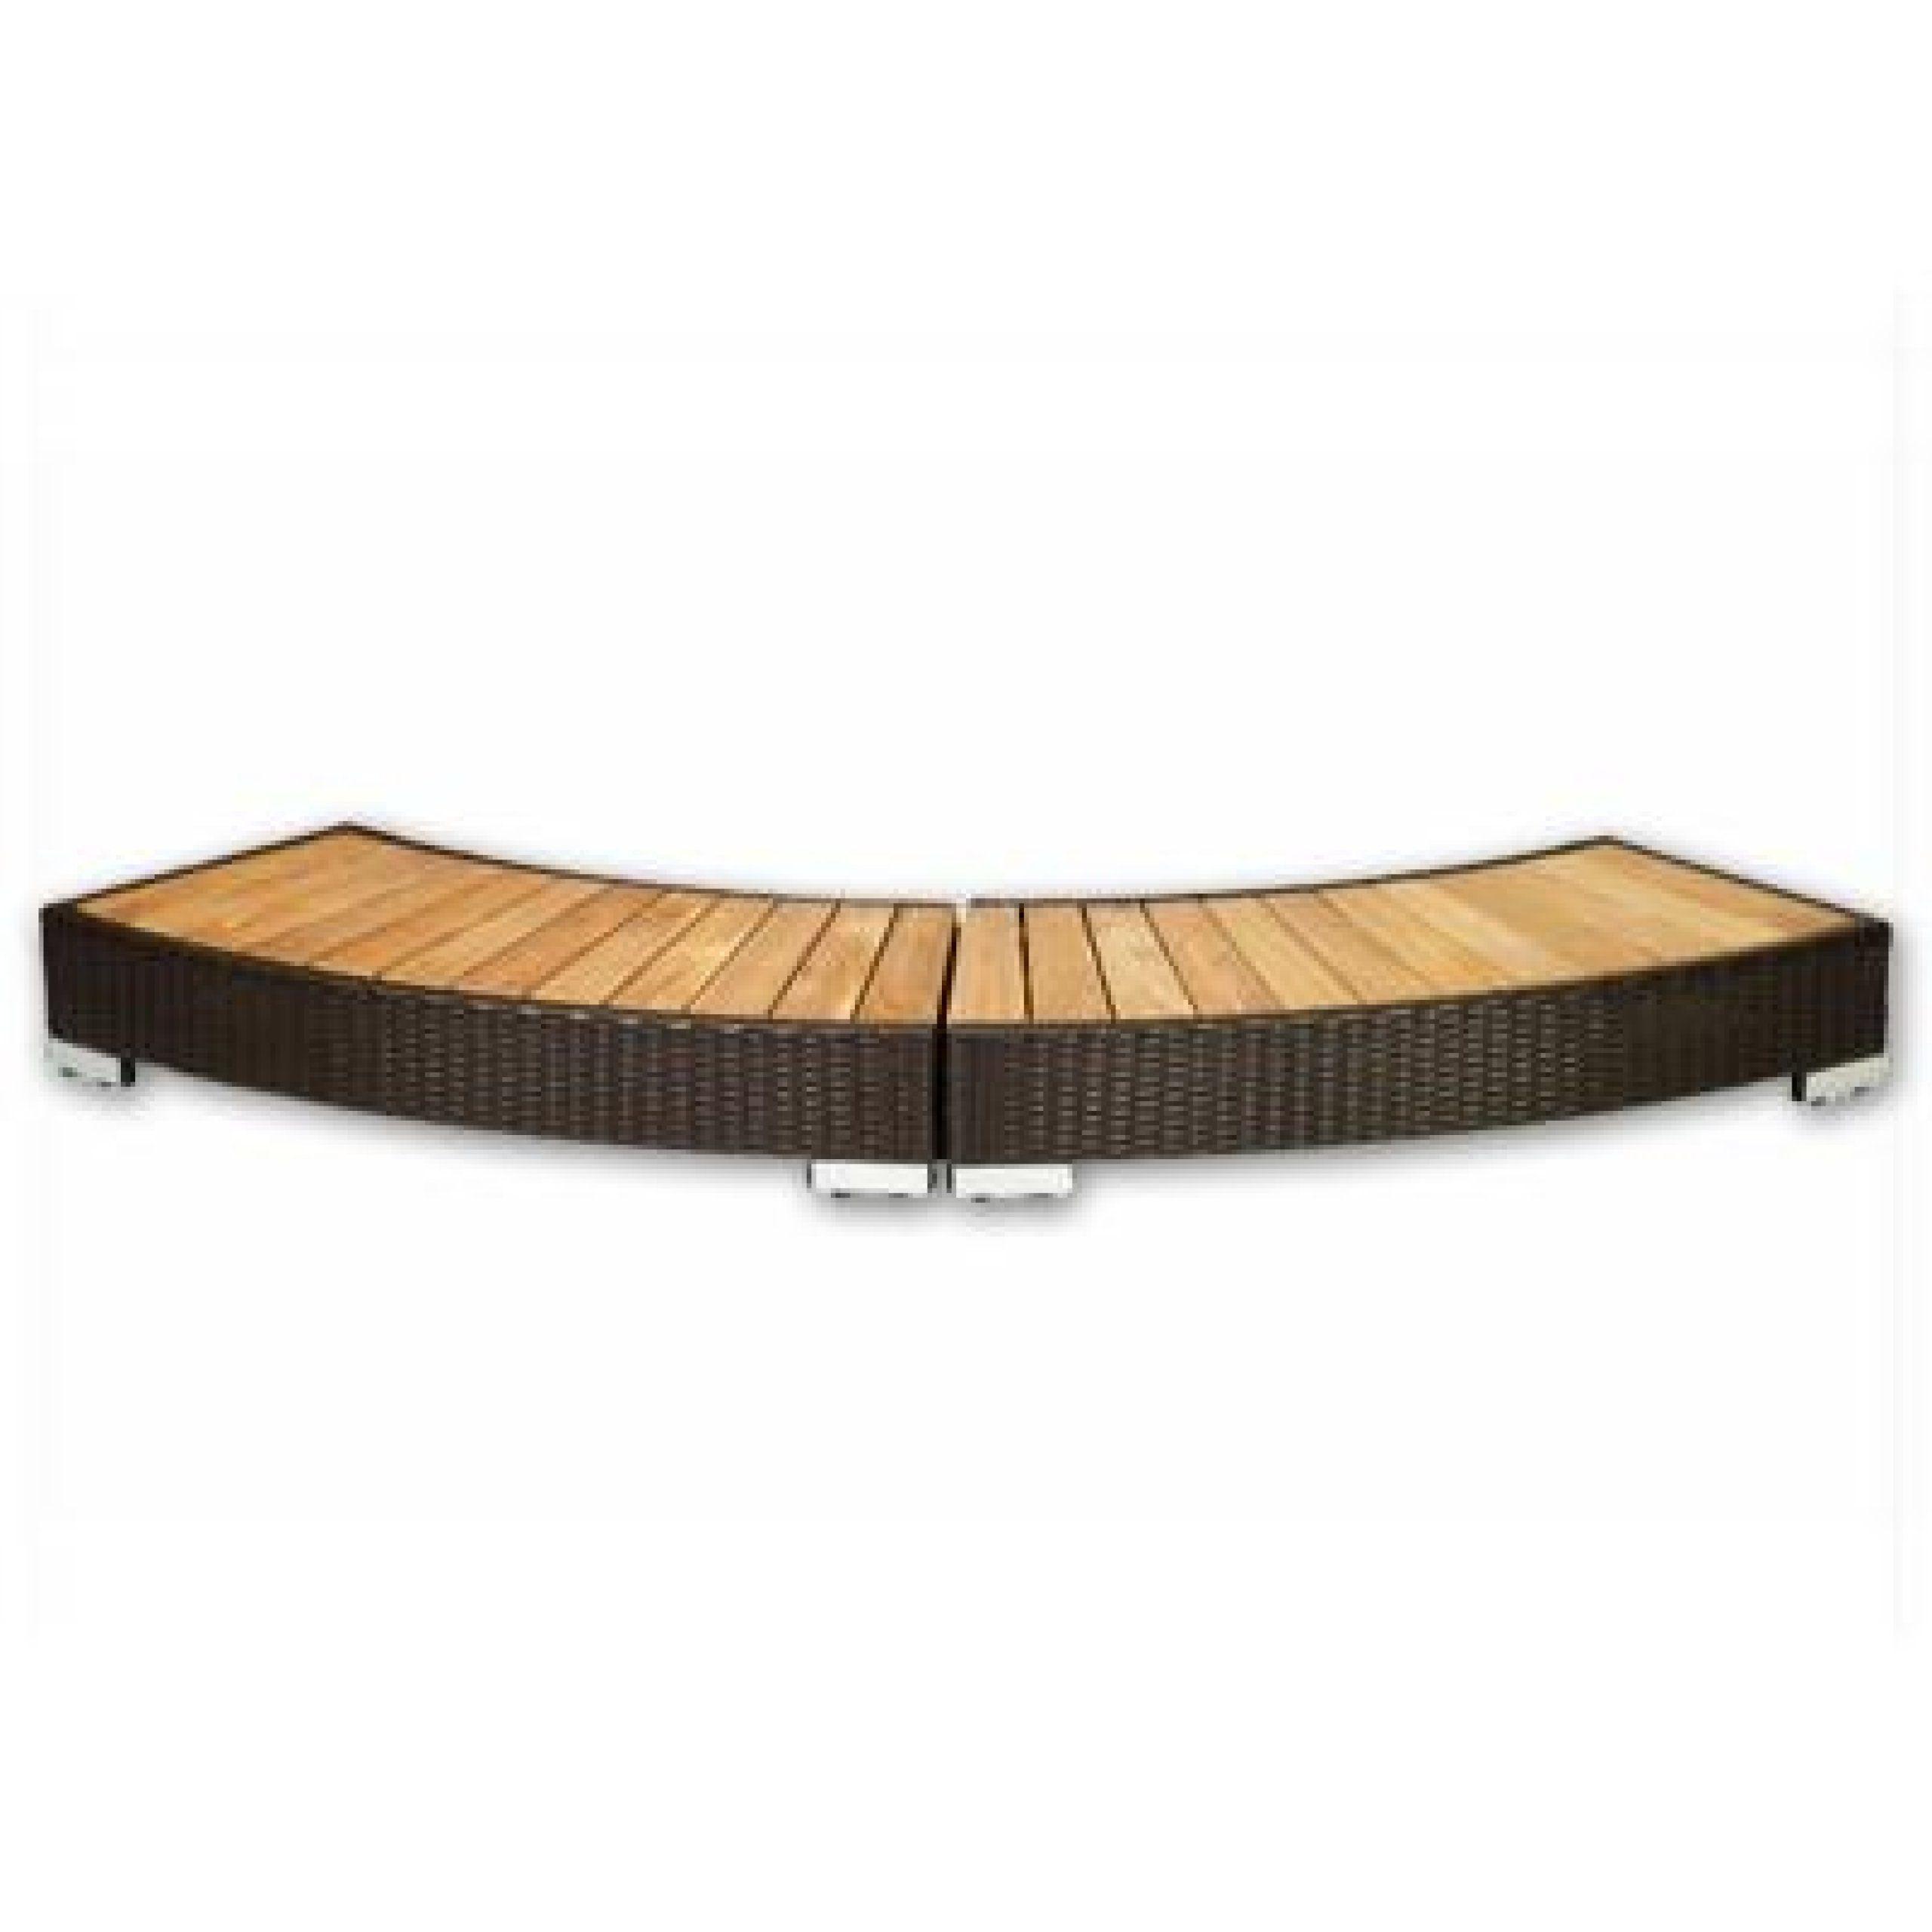 Adorable Whirlpool Für Garten Decoration Of Softub Poly-rattan-einstieg Mocca Für Resort 300: Concept.de: